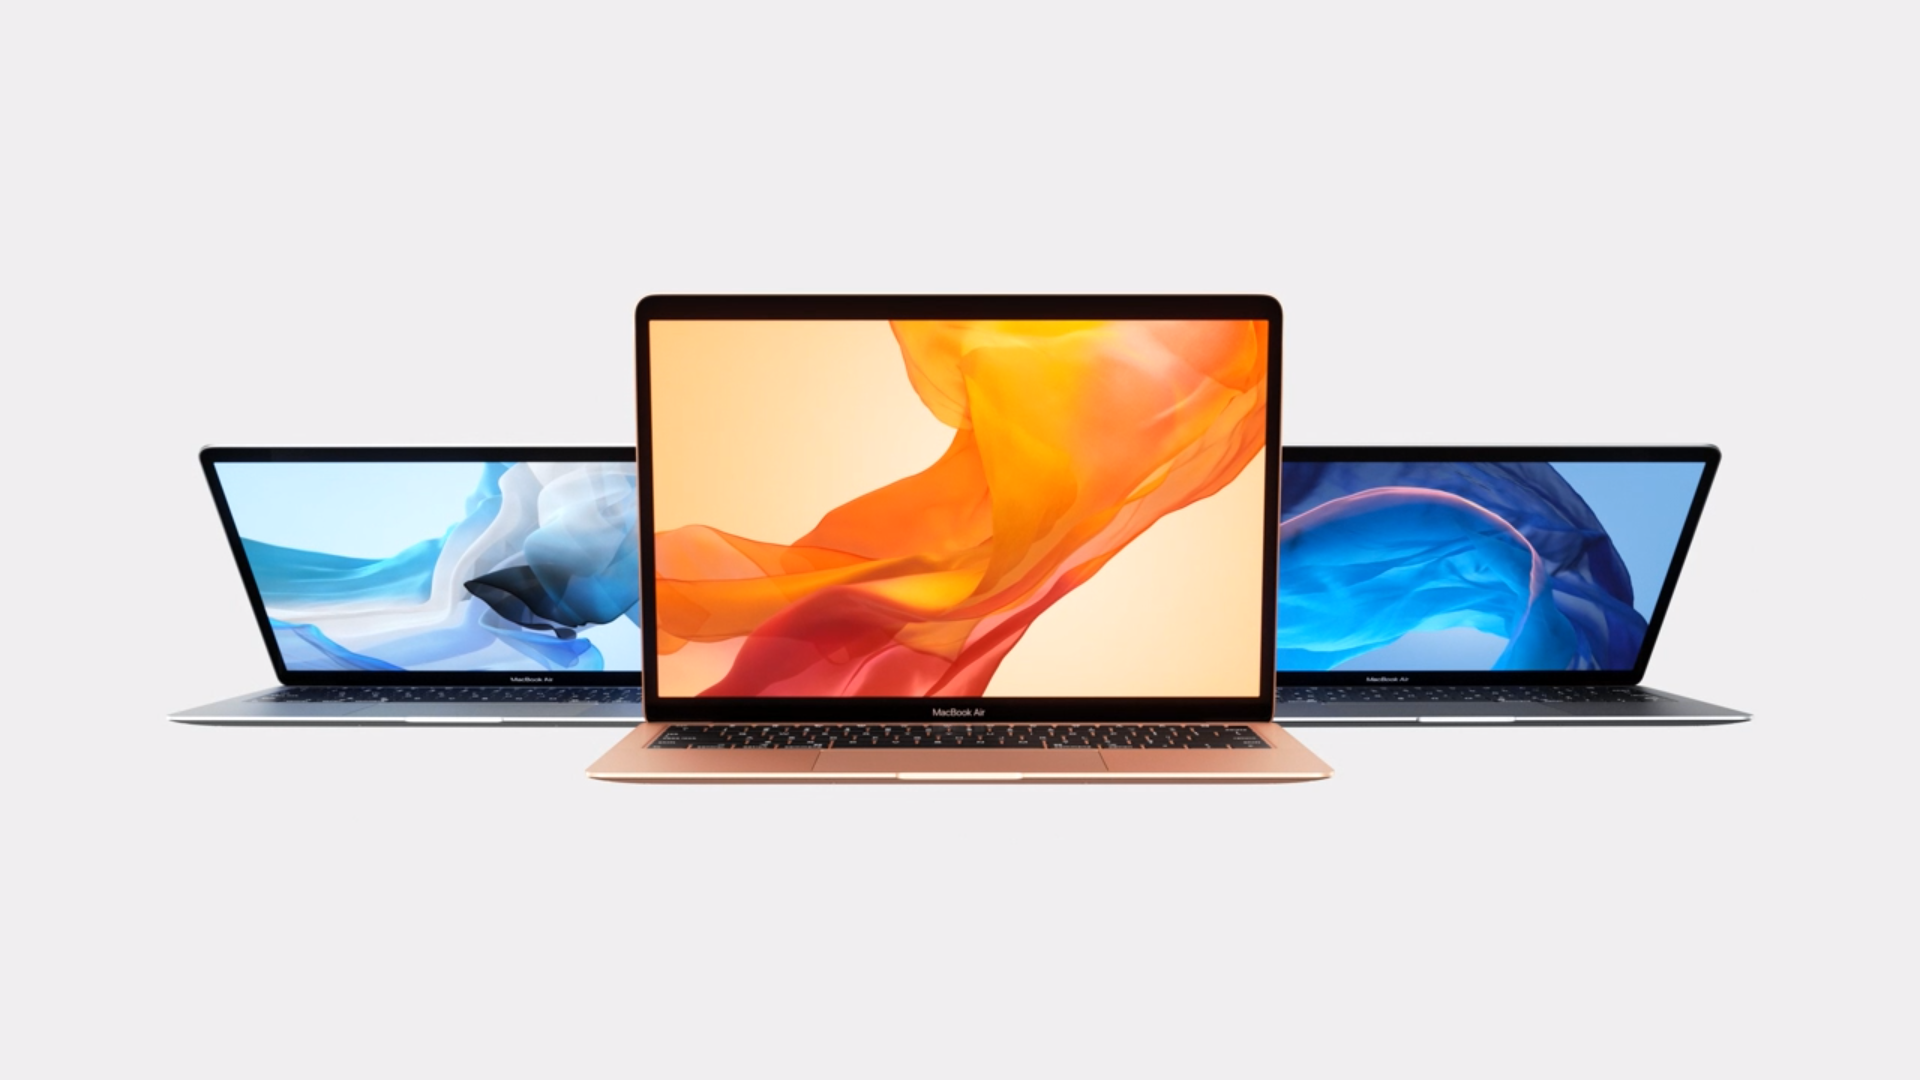 新型「MacBook Air」登場!待望のRetinaディスプレイを搭載、13万4800円から